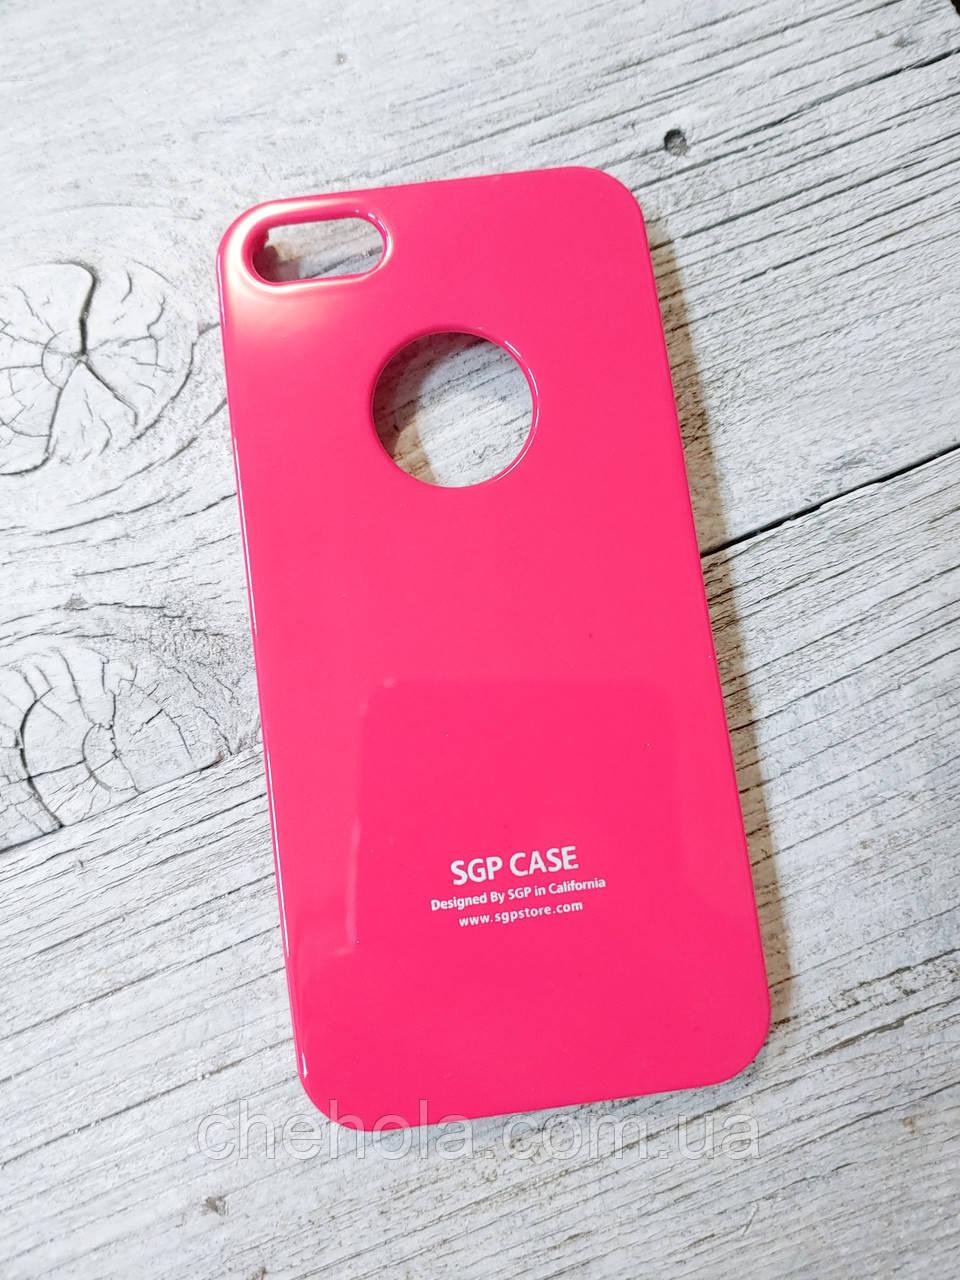 Тонкий Захисний Чохол Iphone 5 5S SE Spigen SGP Рожевий